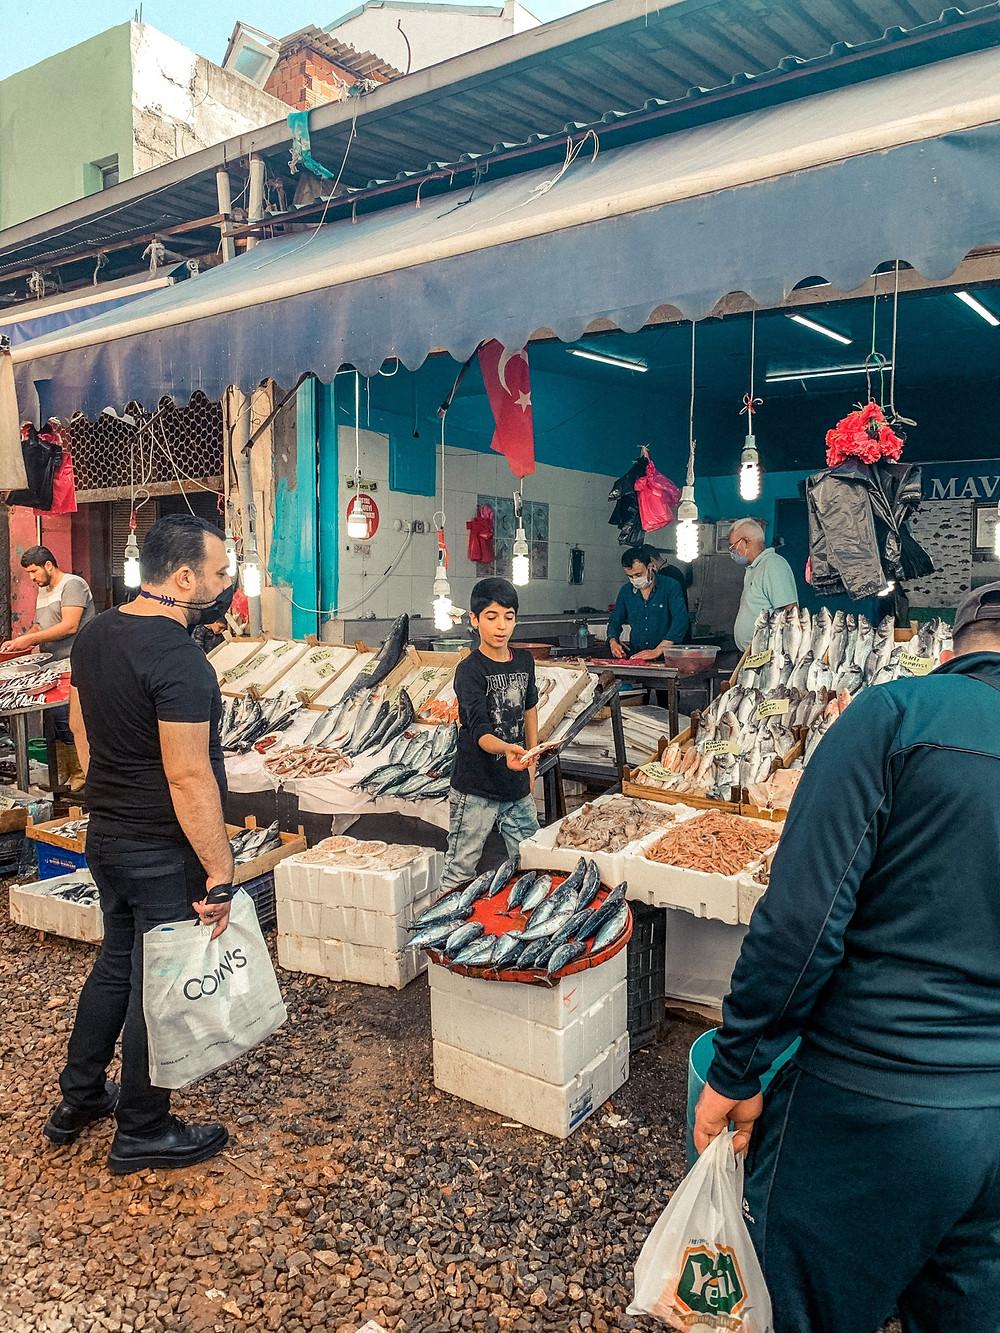 An Izmir fishmonger